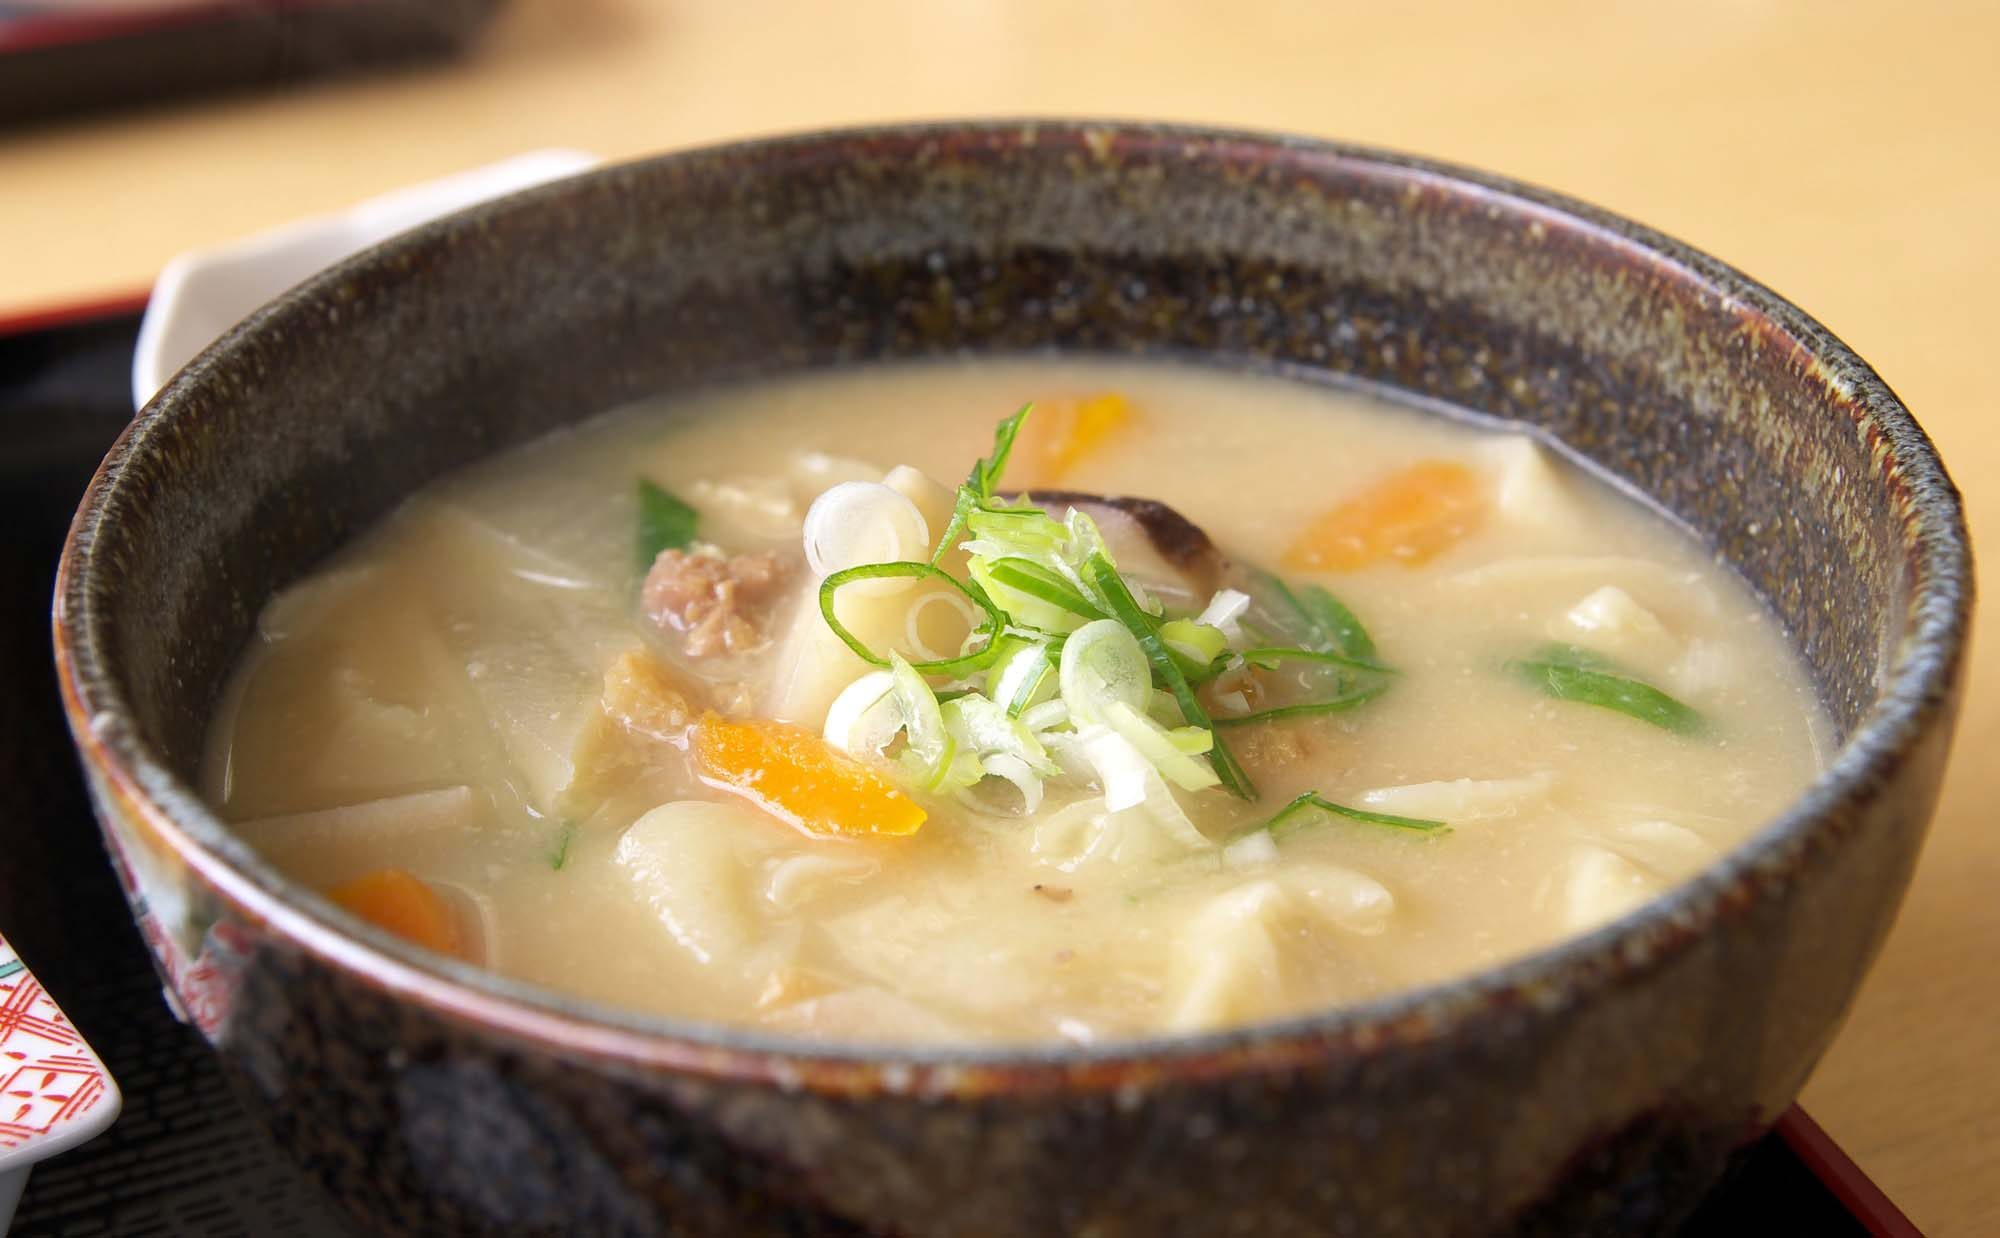 熊本の郷土料理「だご汁」って知ってる? だご汁定食でホッと温まろう